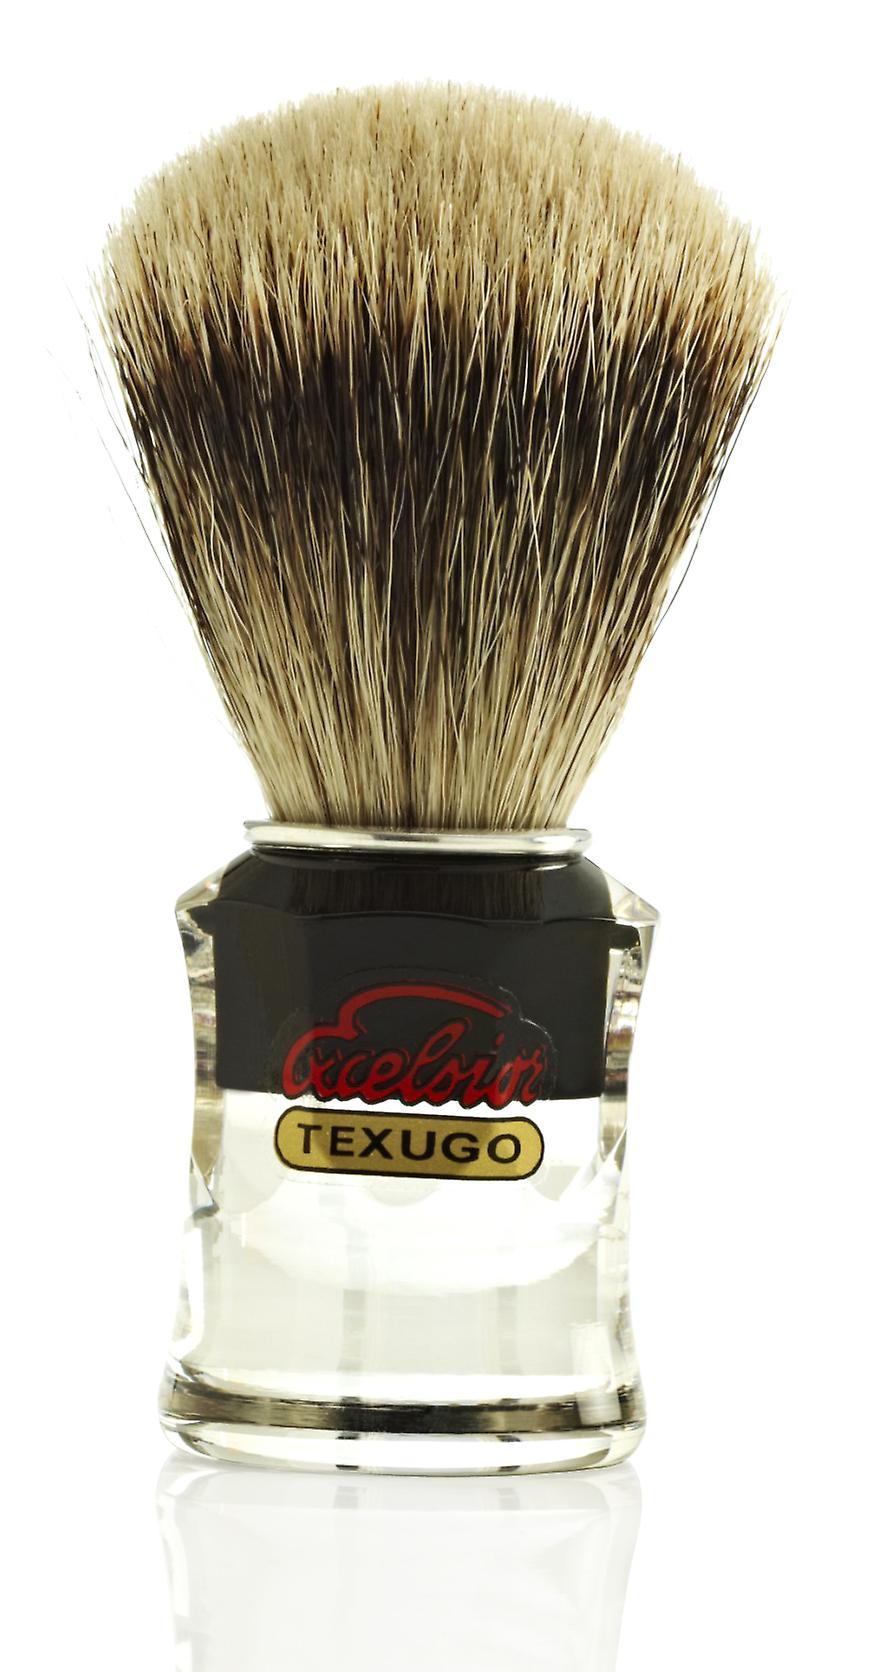 Semogue 730 Silvertip Badger Shaving Brush